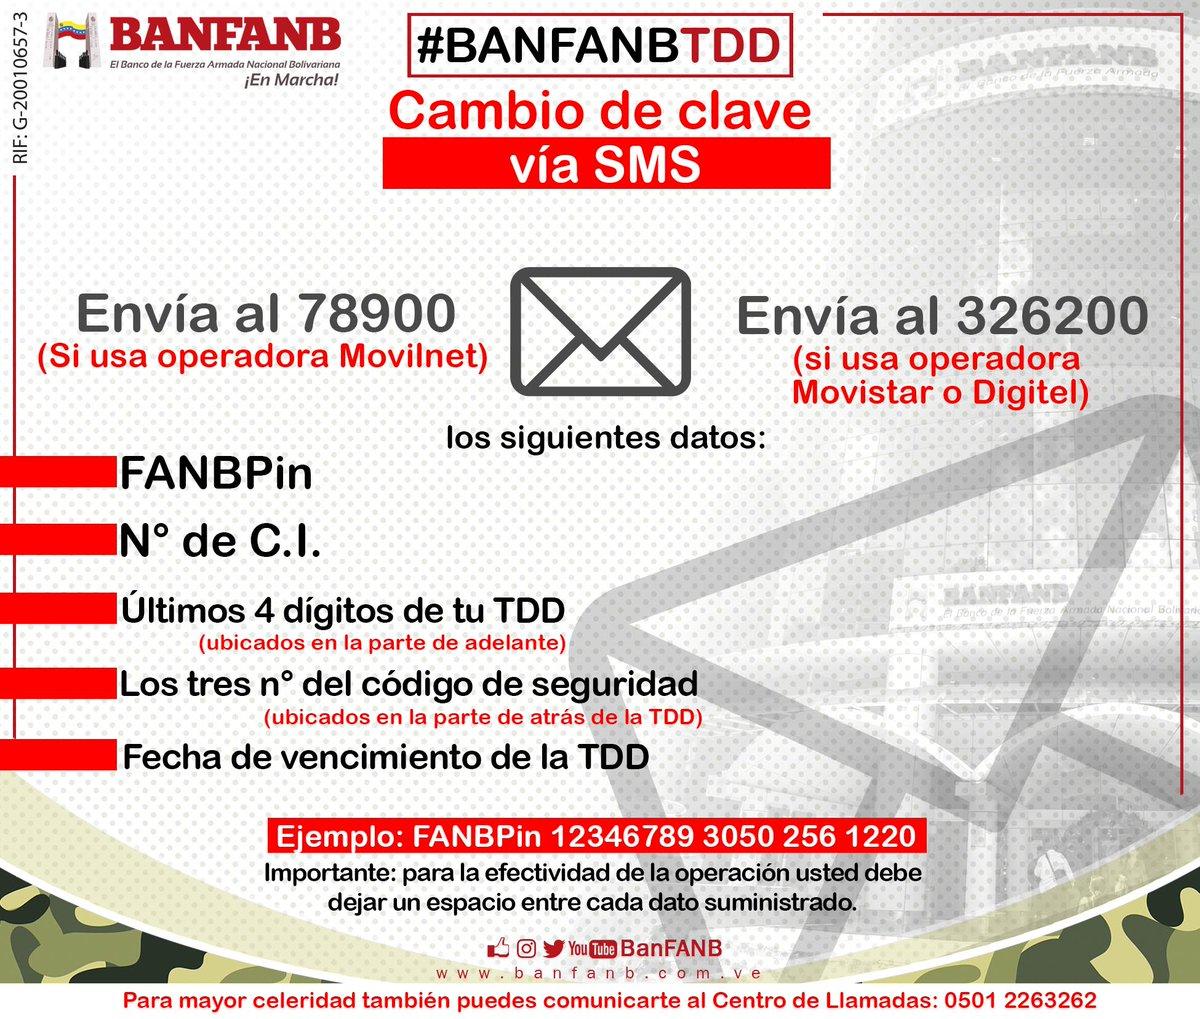 Banfnab